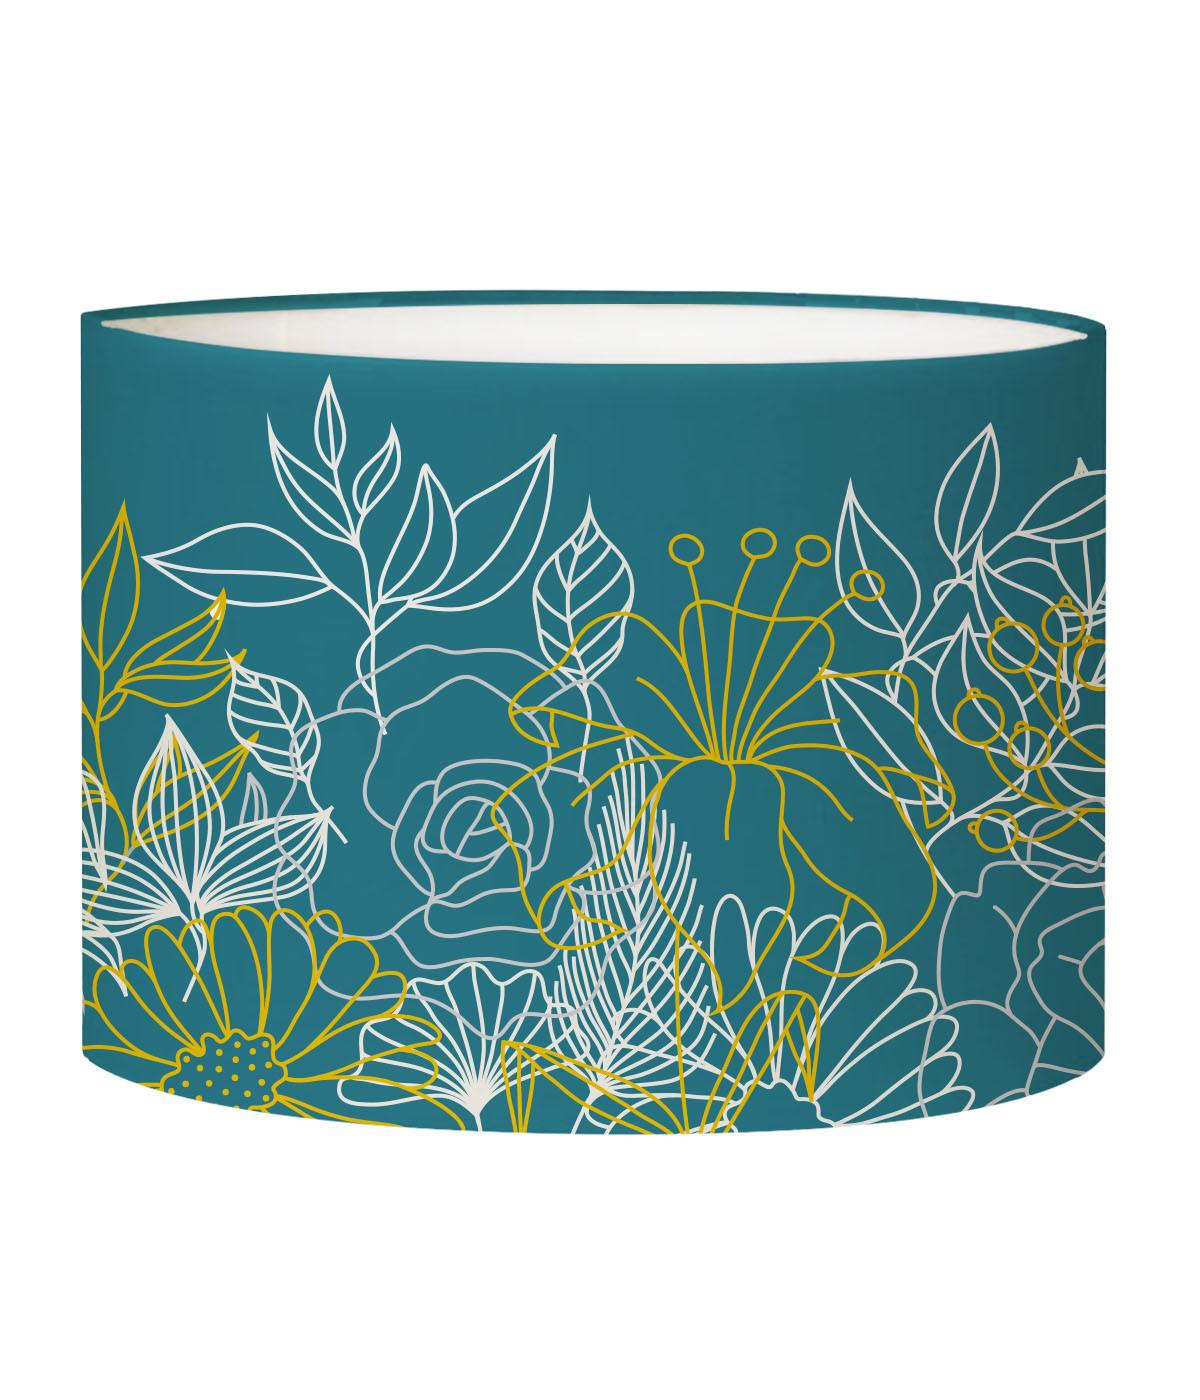 Abat-jour Lampadaire Bouquet Bleu canard D 45 x H 25